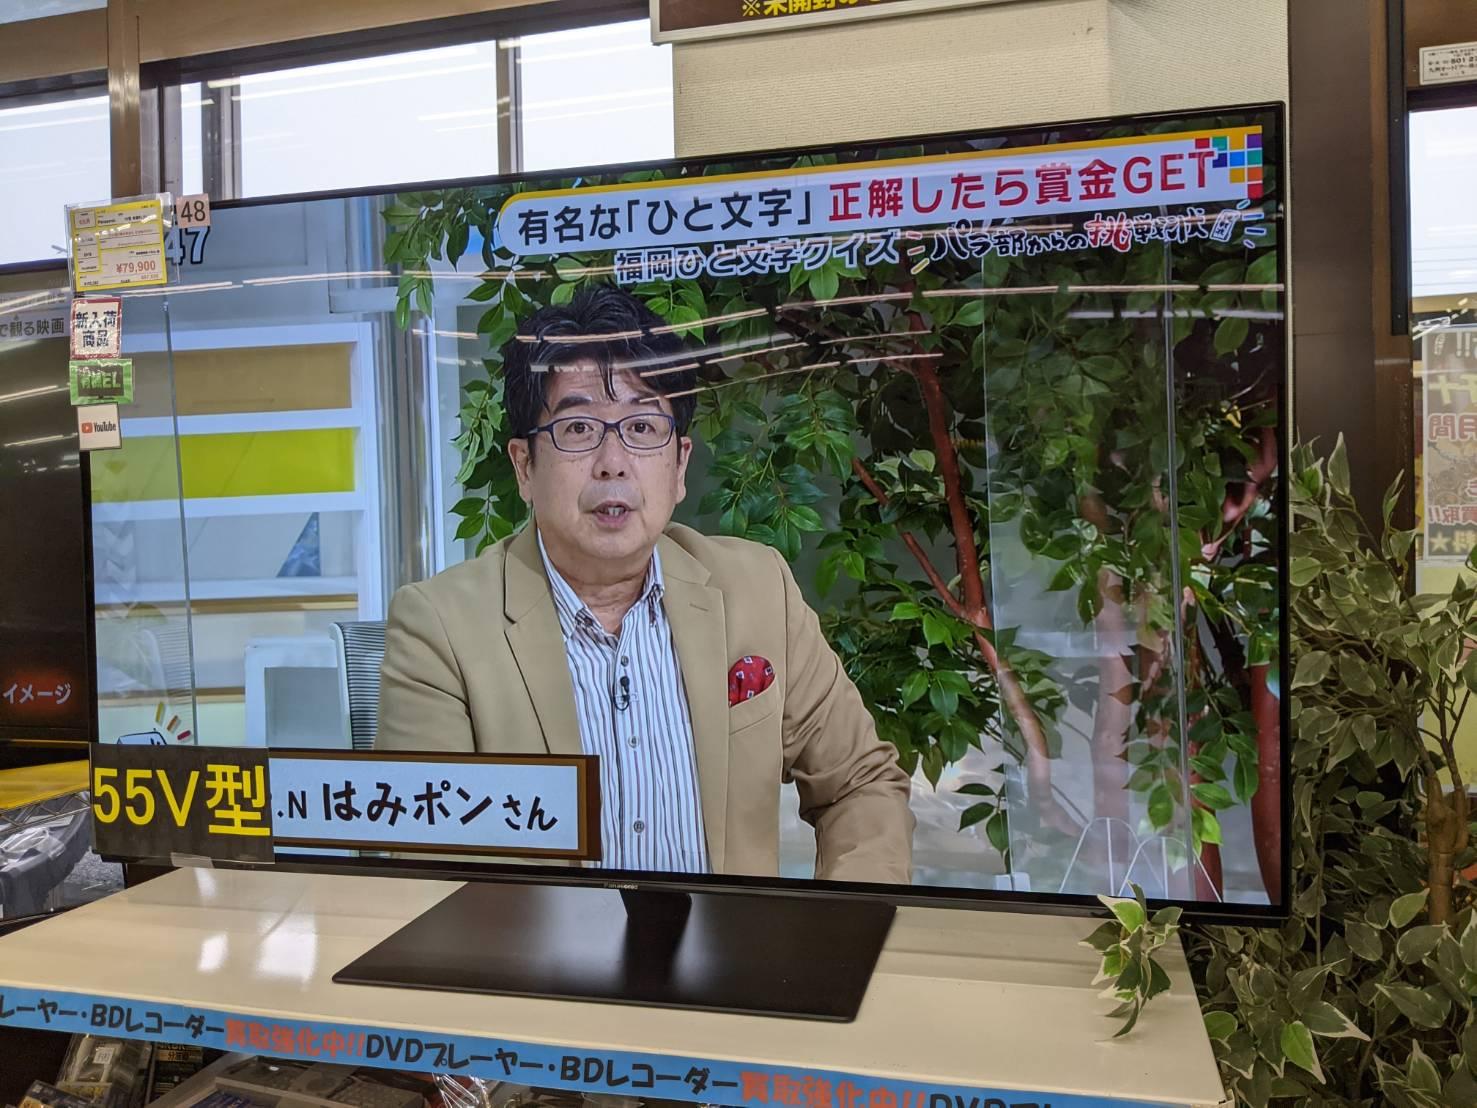 【Panasonic (パナソニック) 55インチ 有機EL スマートテレビ VIERA TH-55FZ950】を買い取りさせて頂きました!!の買取-